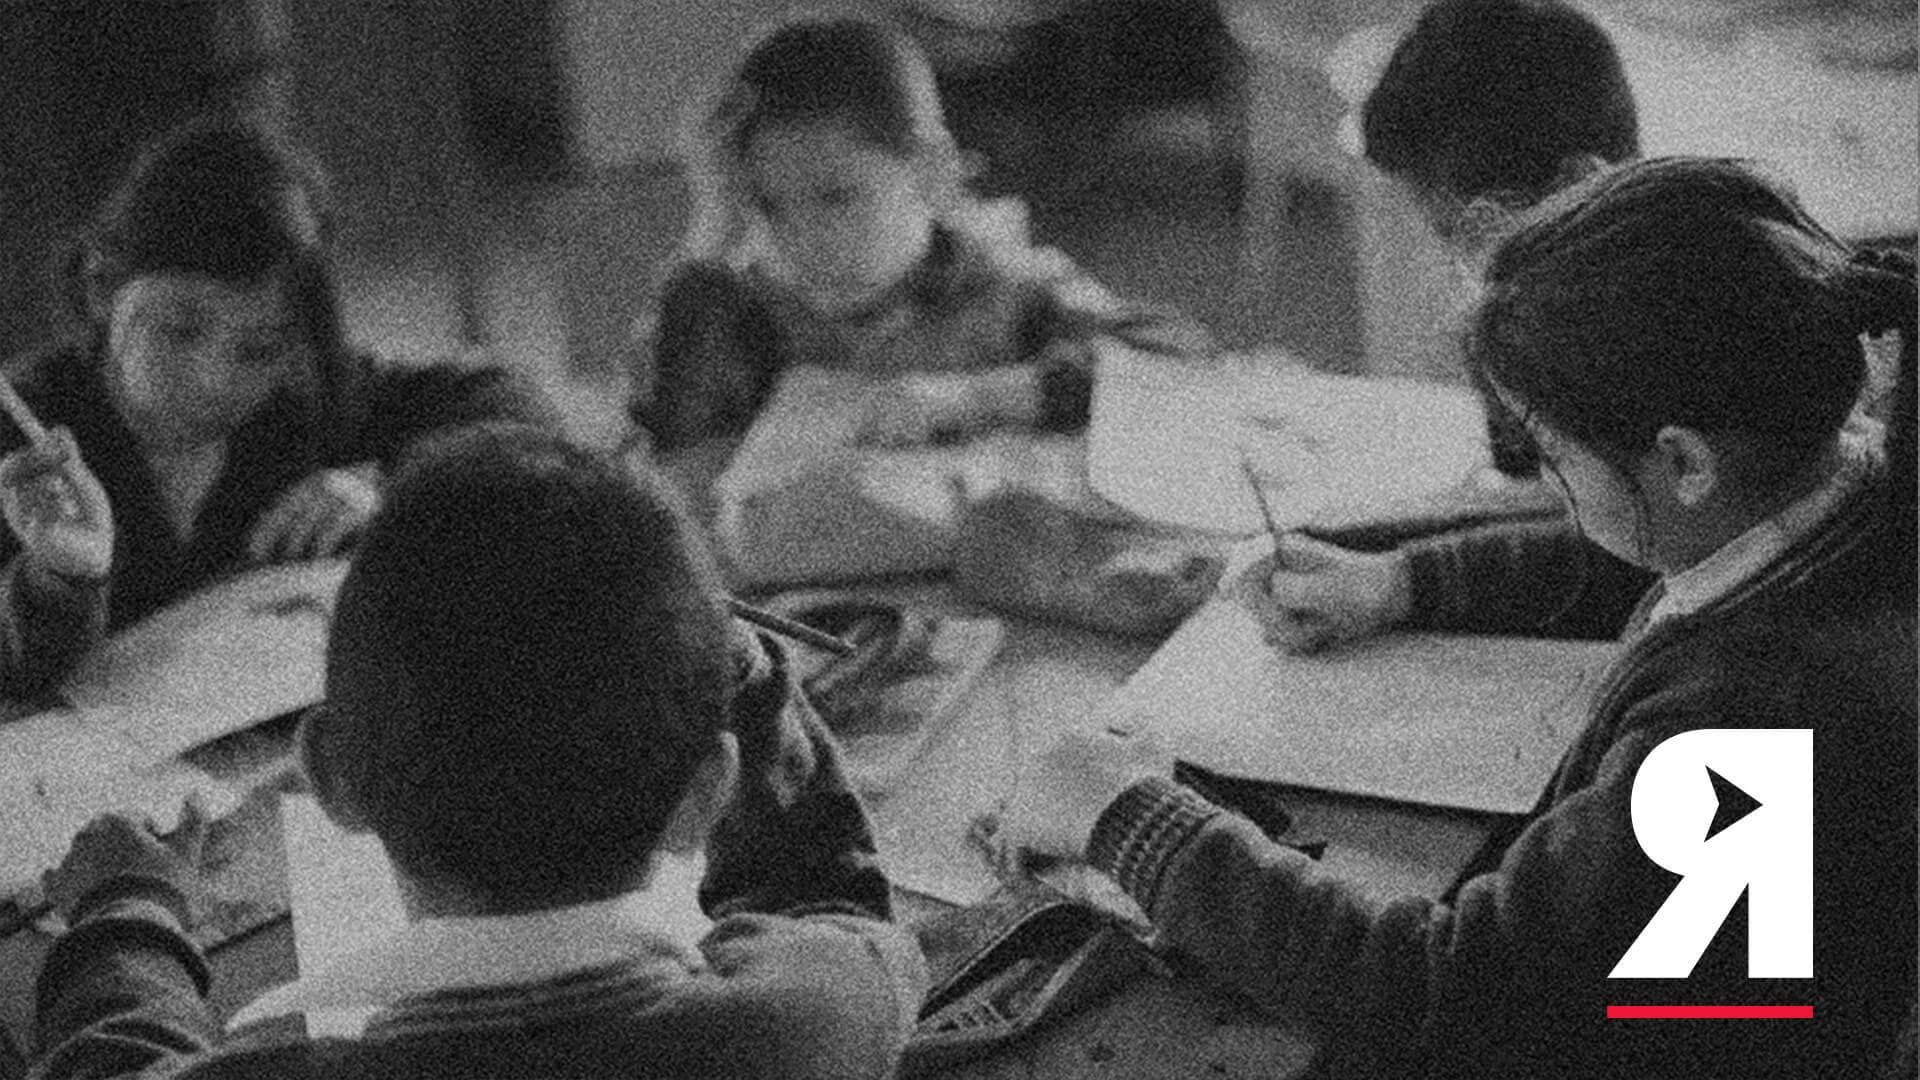 La guía divergentes de la movilización por la educación en Colombia